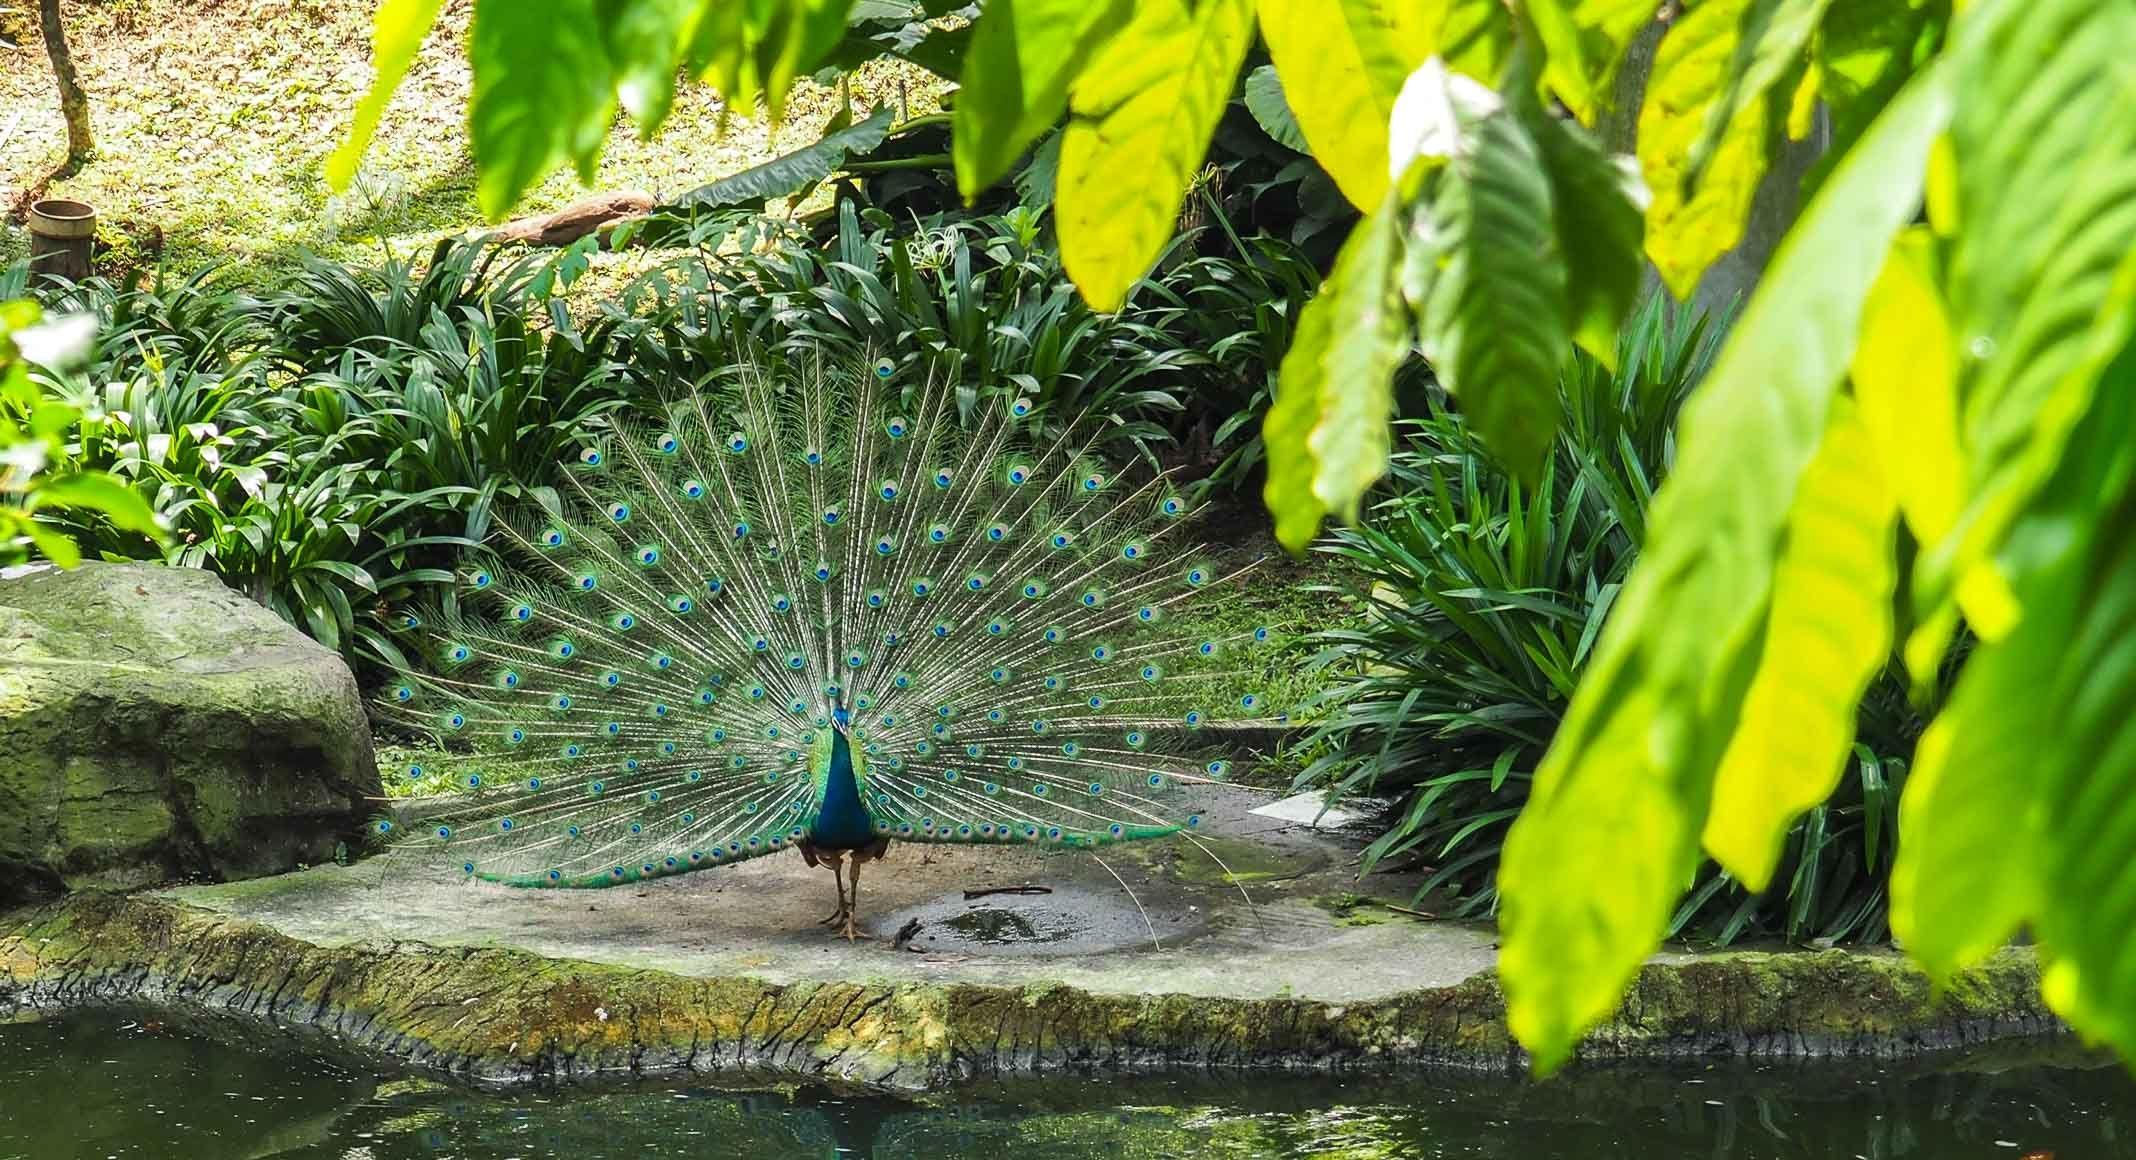 الاماكن السياحيه ماليزيا كوالالمبور حديقة طيور كوالالمبور